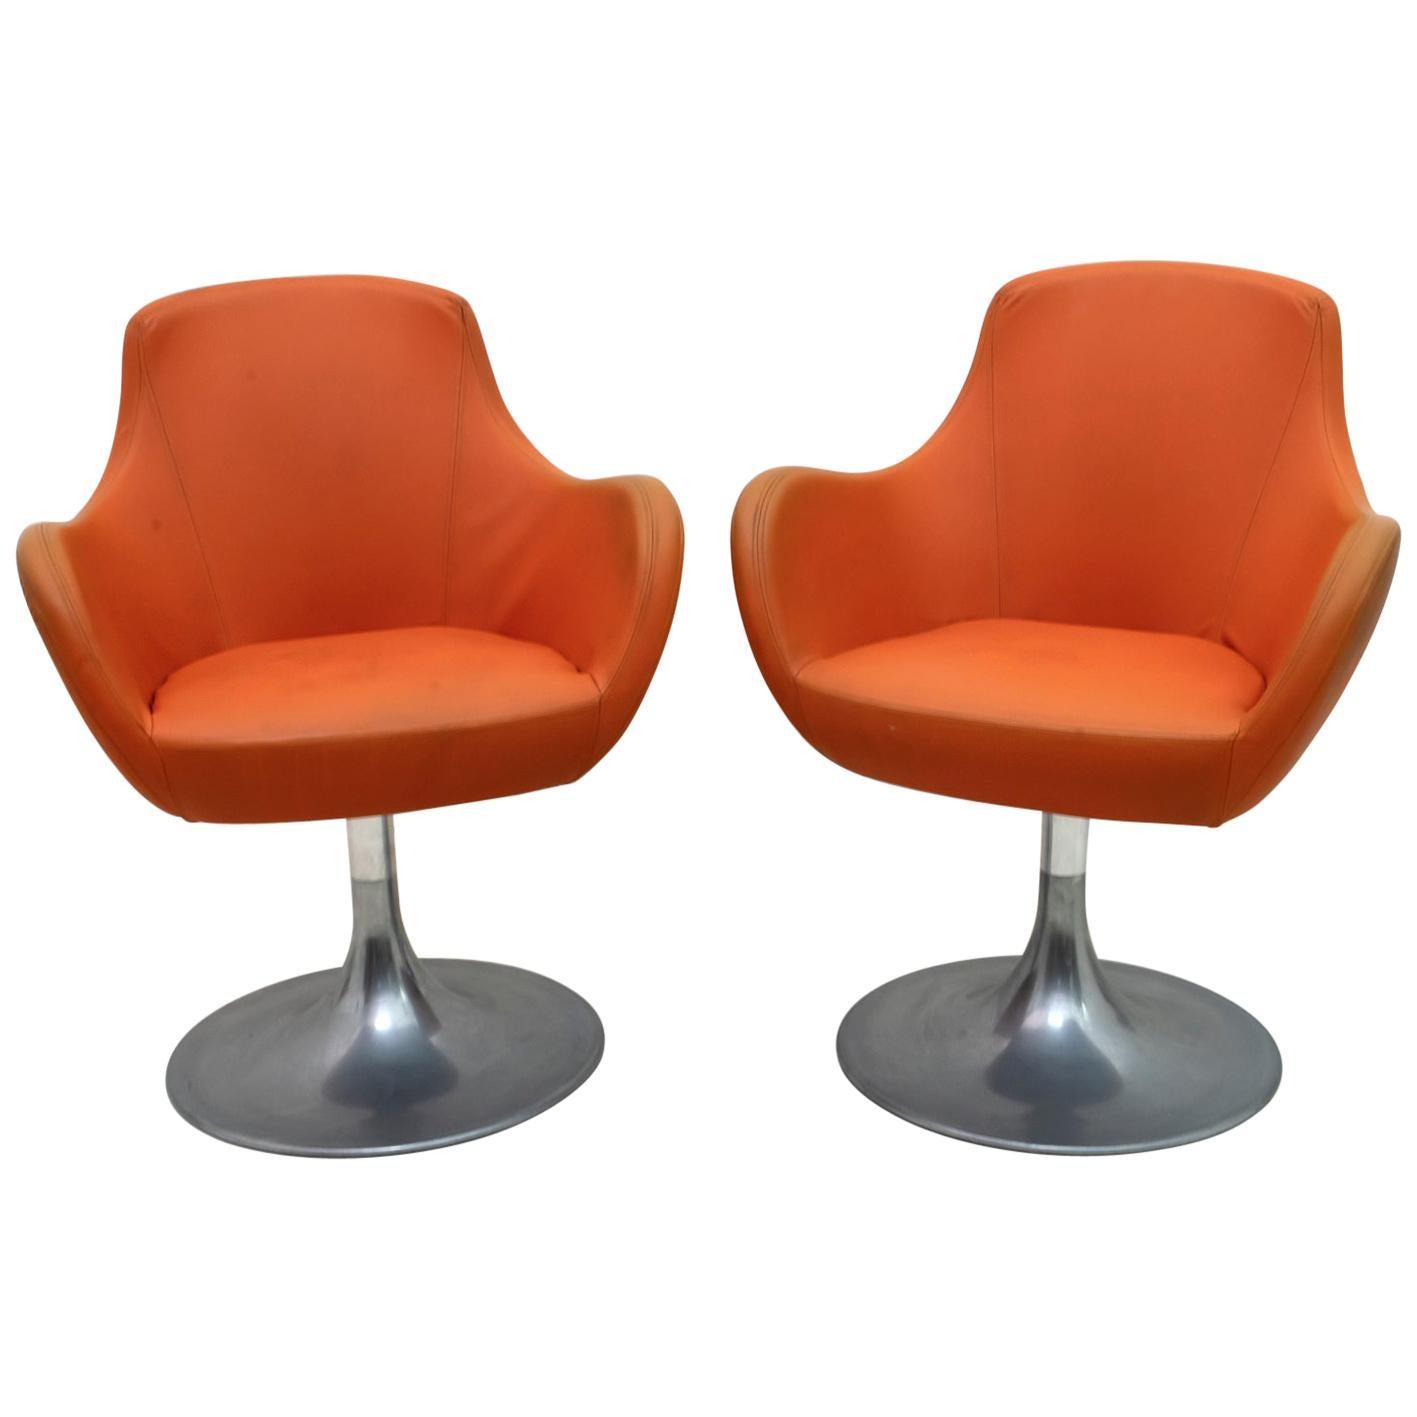 Pair of Mid-Century Modern Italian Swivel Armchairs, 1960s